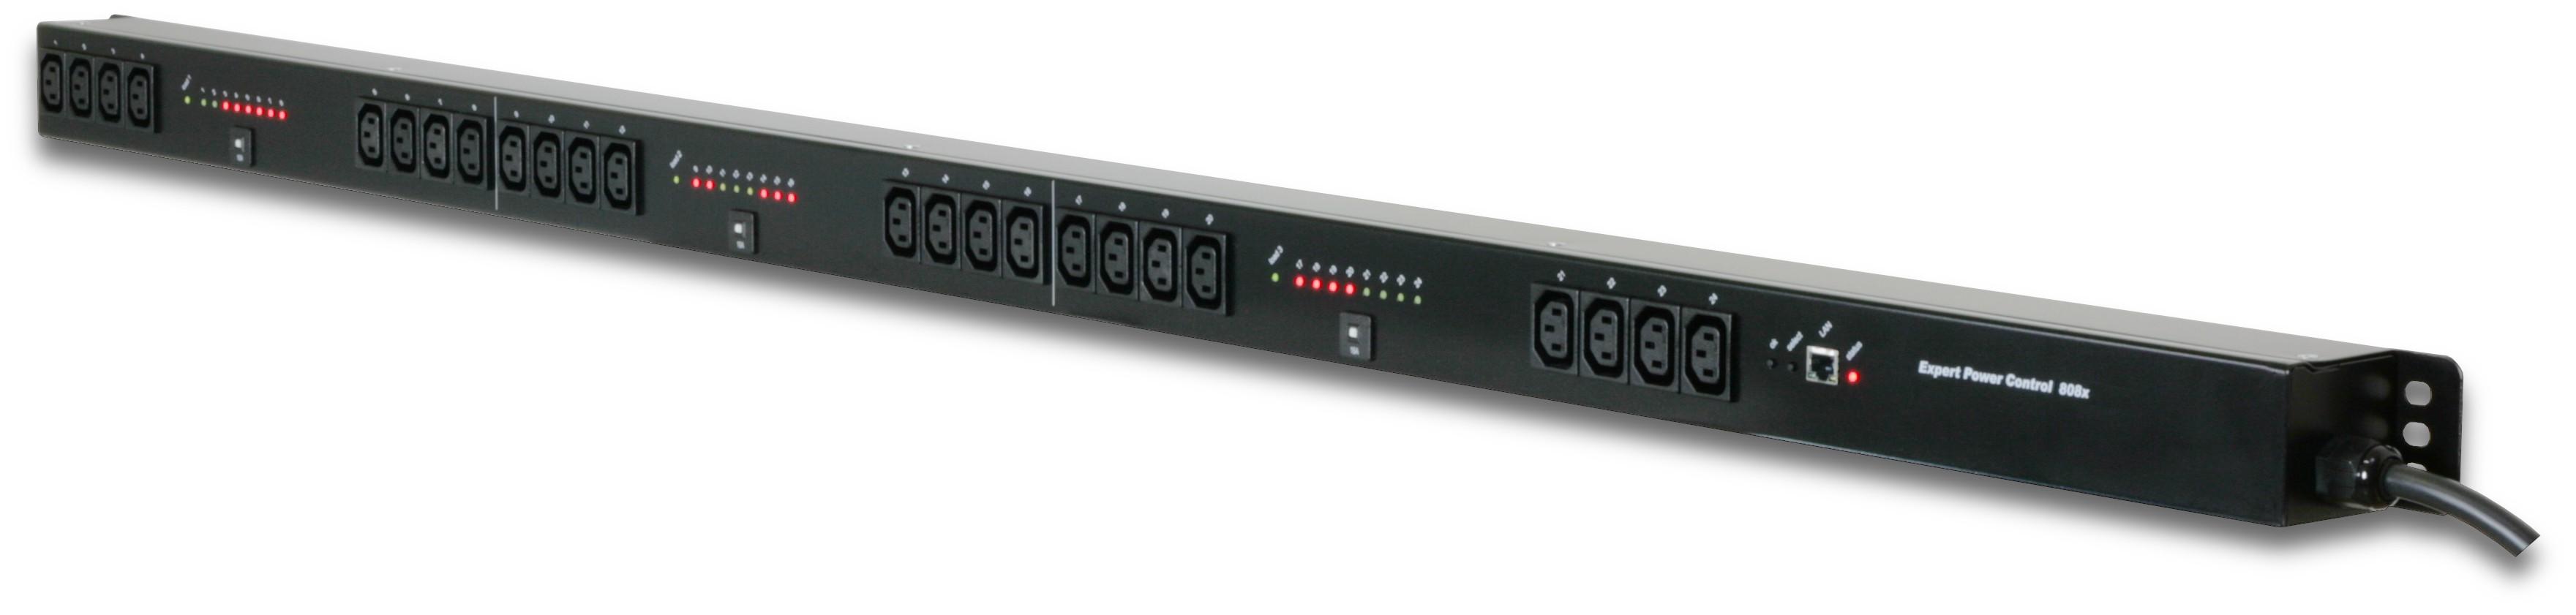 Expert Power Control 8082